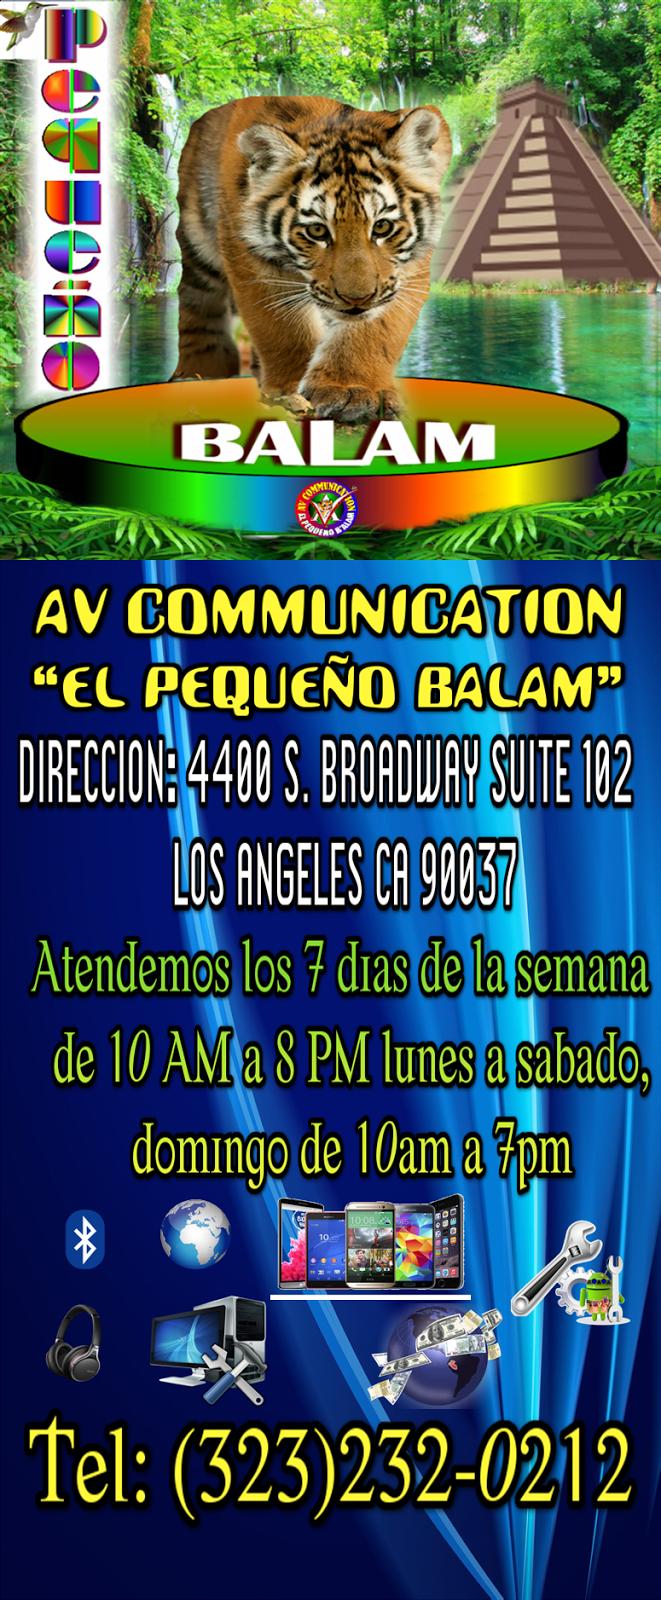 AV Comunications